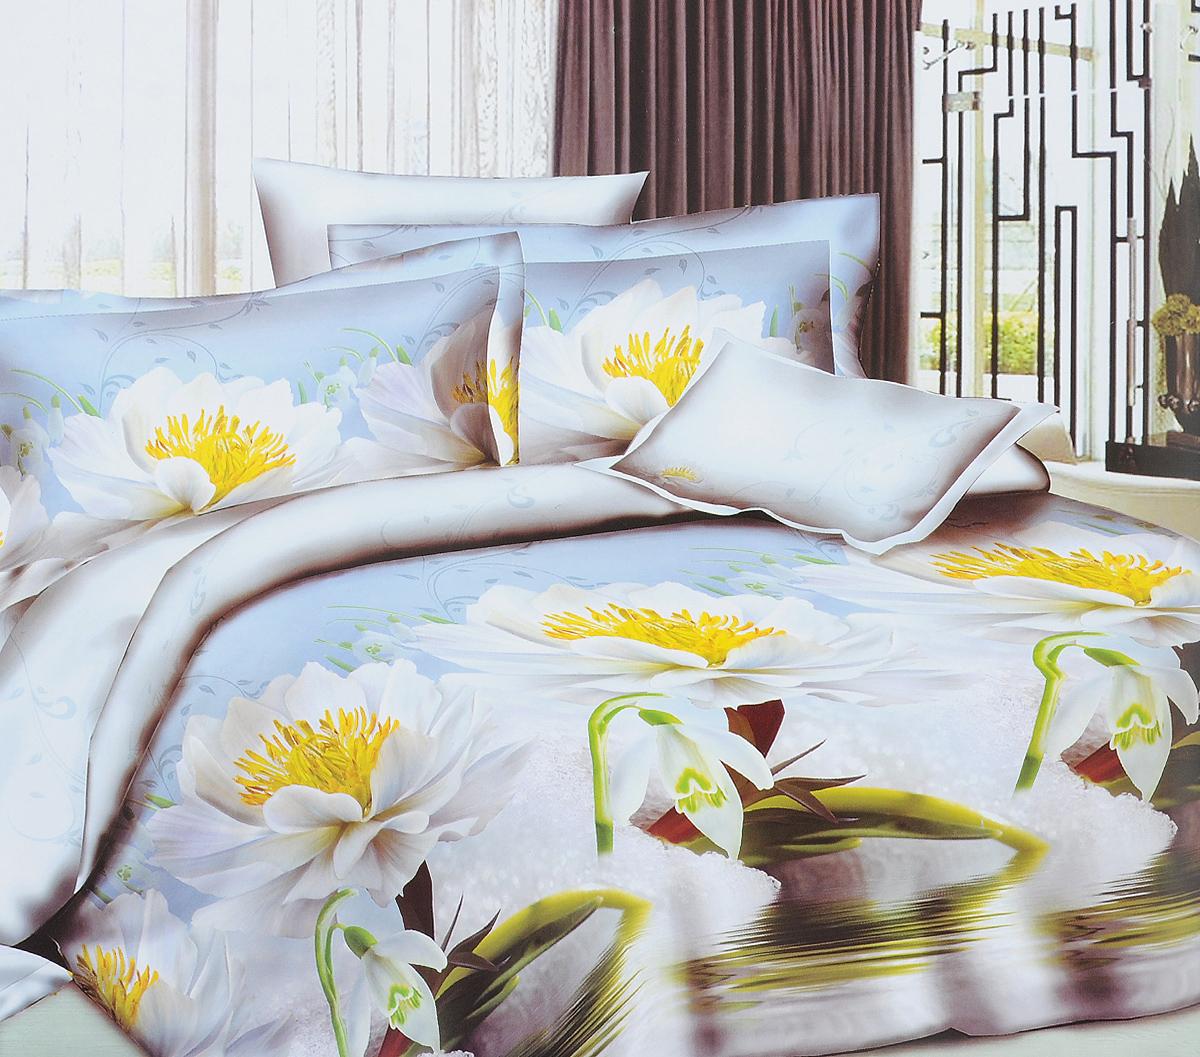 Комплект белья ЭГО Лето, евро, наволочки 70x70Э-2033-03Комплект постельного белья ЭГО Лето выполнен из полисатина (50% хлопка, 50% полиэстера). Комплект состоит из пододеяльника, простыни и двух наволочек. Постельное белье, оформленное цветочным принтом, имеет изысканный внешний вид и яркую цветовую гамму. Наволочки застегиваются на клапаны. Гладкая структура делает ткань приятной на ощупь, мягкой и нежной, при этом она прочная и хорошо сохраняет форму. Ткань легко гладится, не линяет и не садится. Благодаря такому комплекту постельного белья вы сможете создать атмосферу роскоши и романтики в вашей спальне.